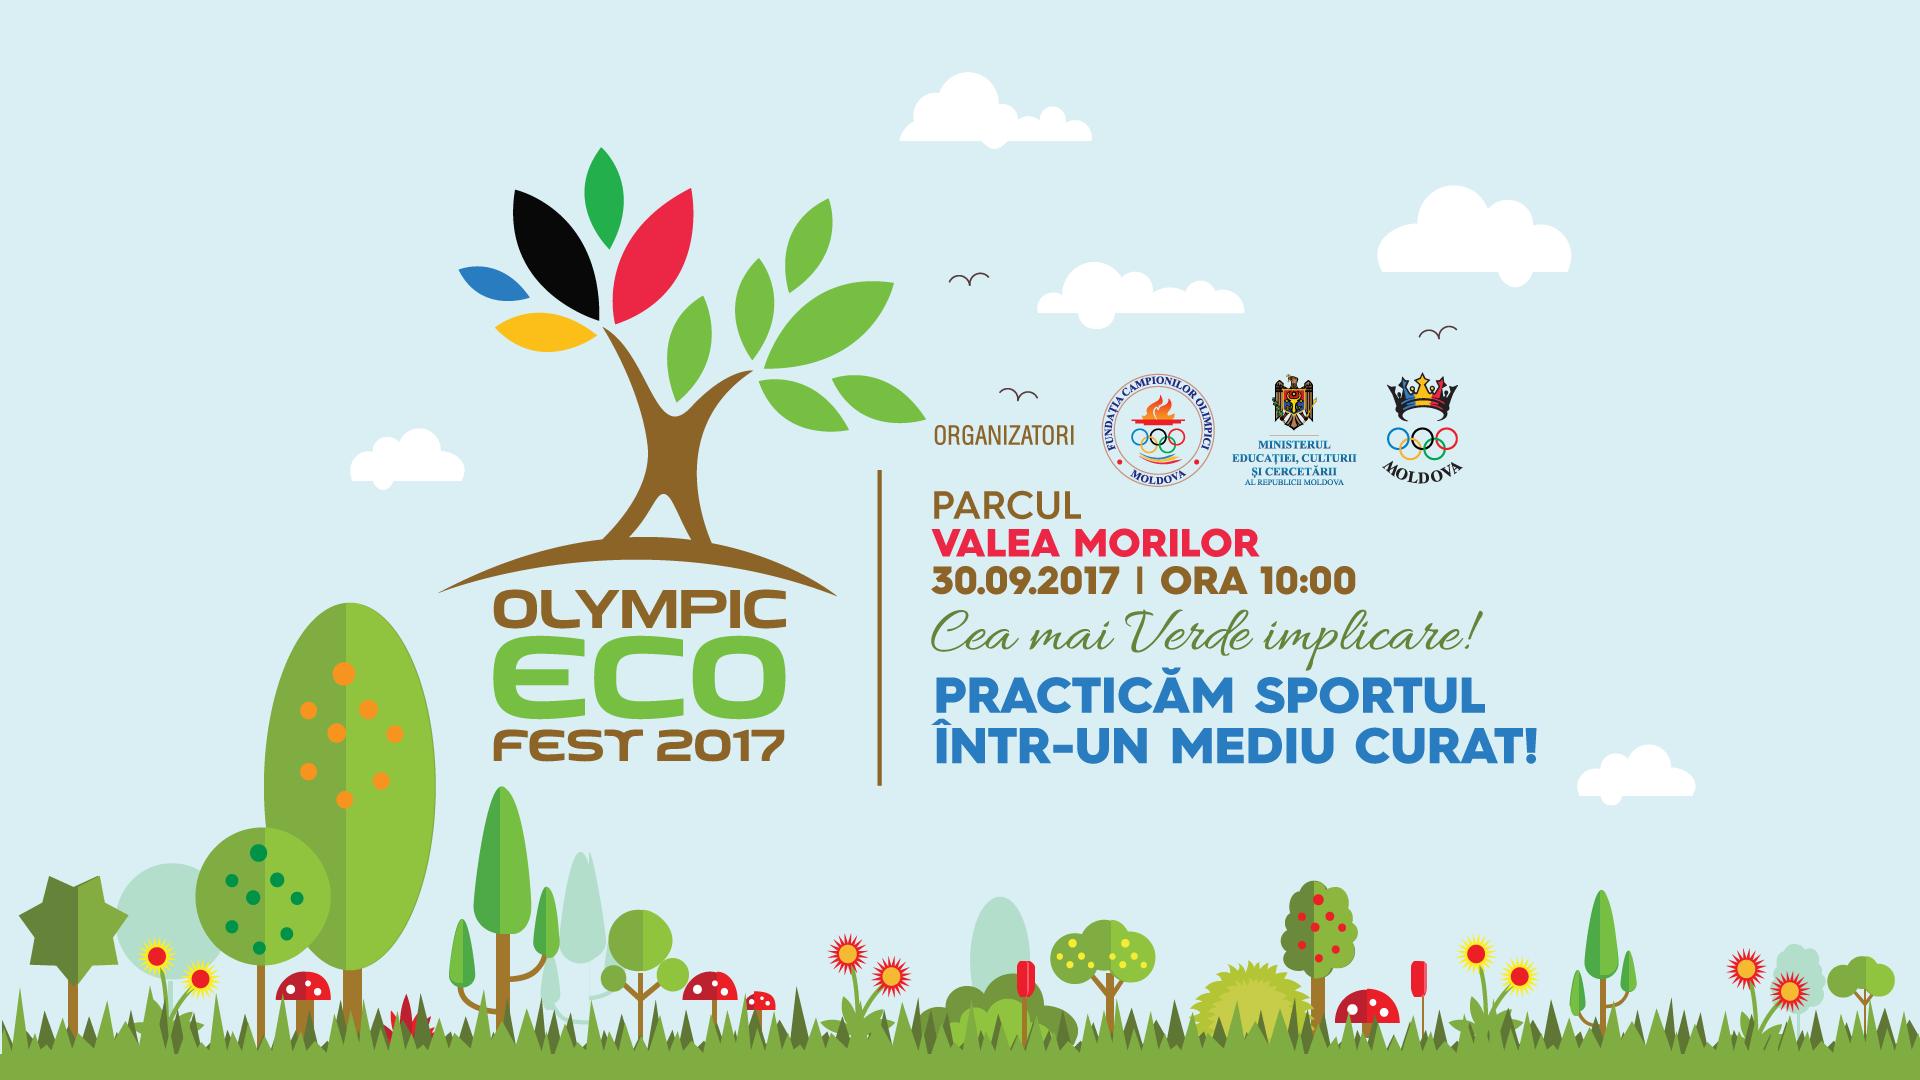 Comunicat de presă – Olympic ECOFest 2017   30 septembrie, ora 10:00, Parcul Valea Morilor